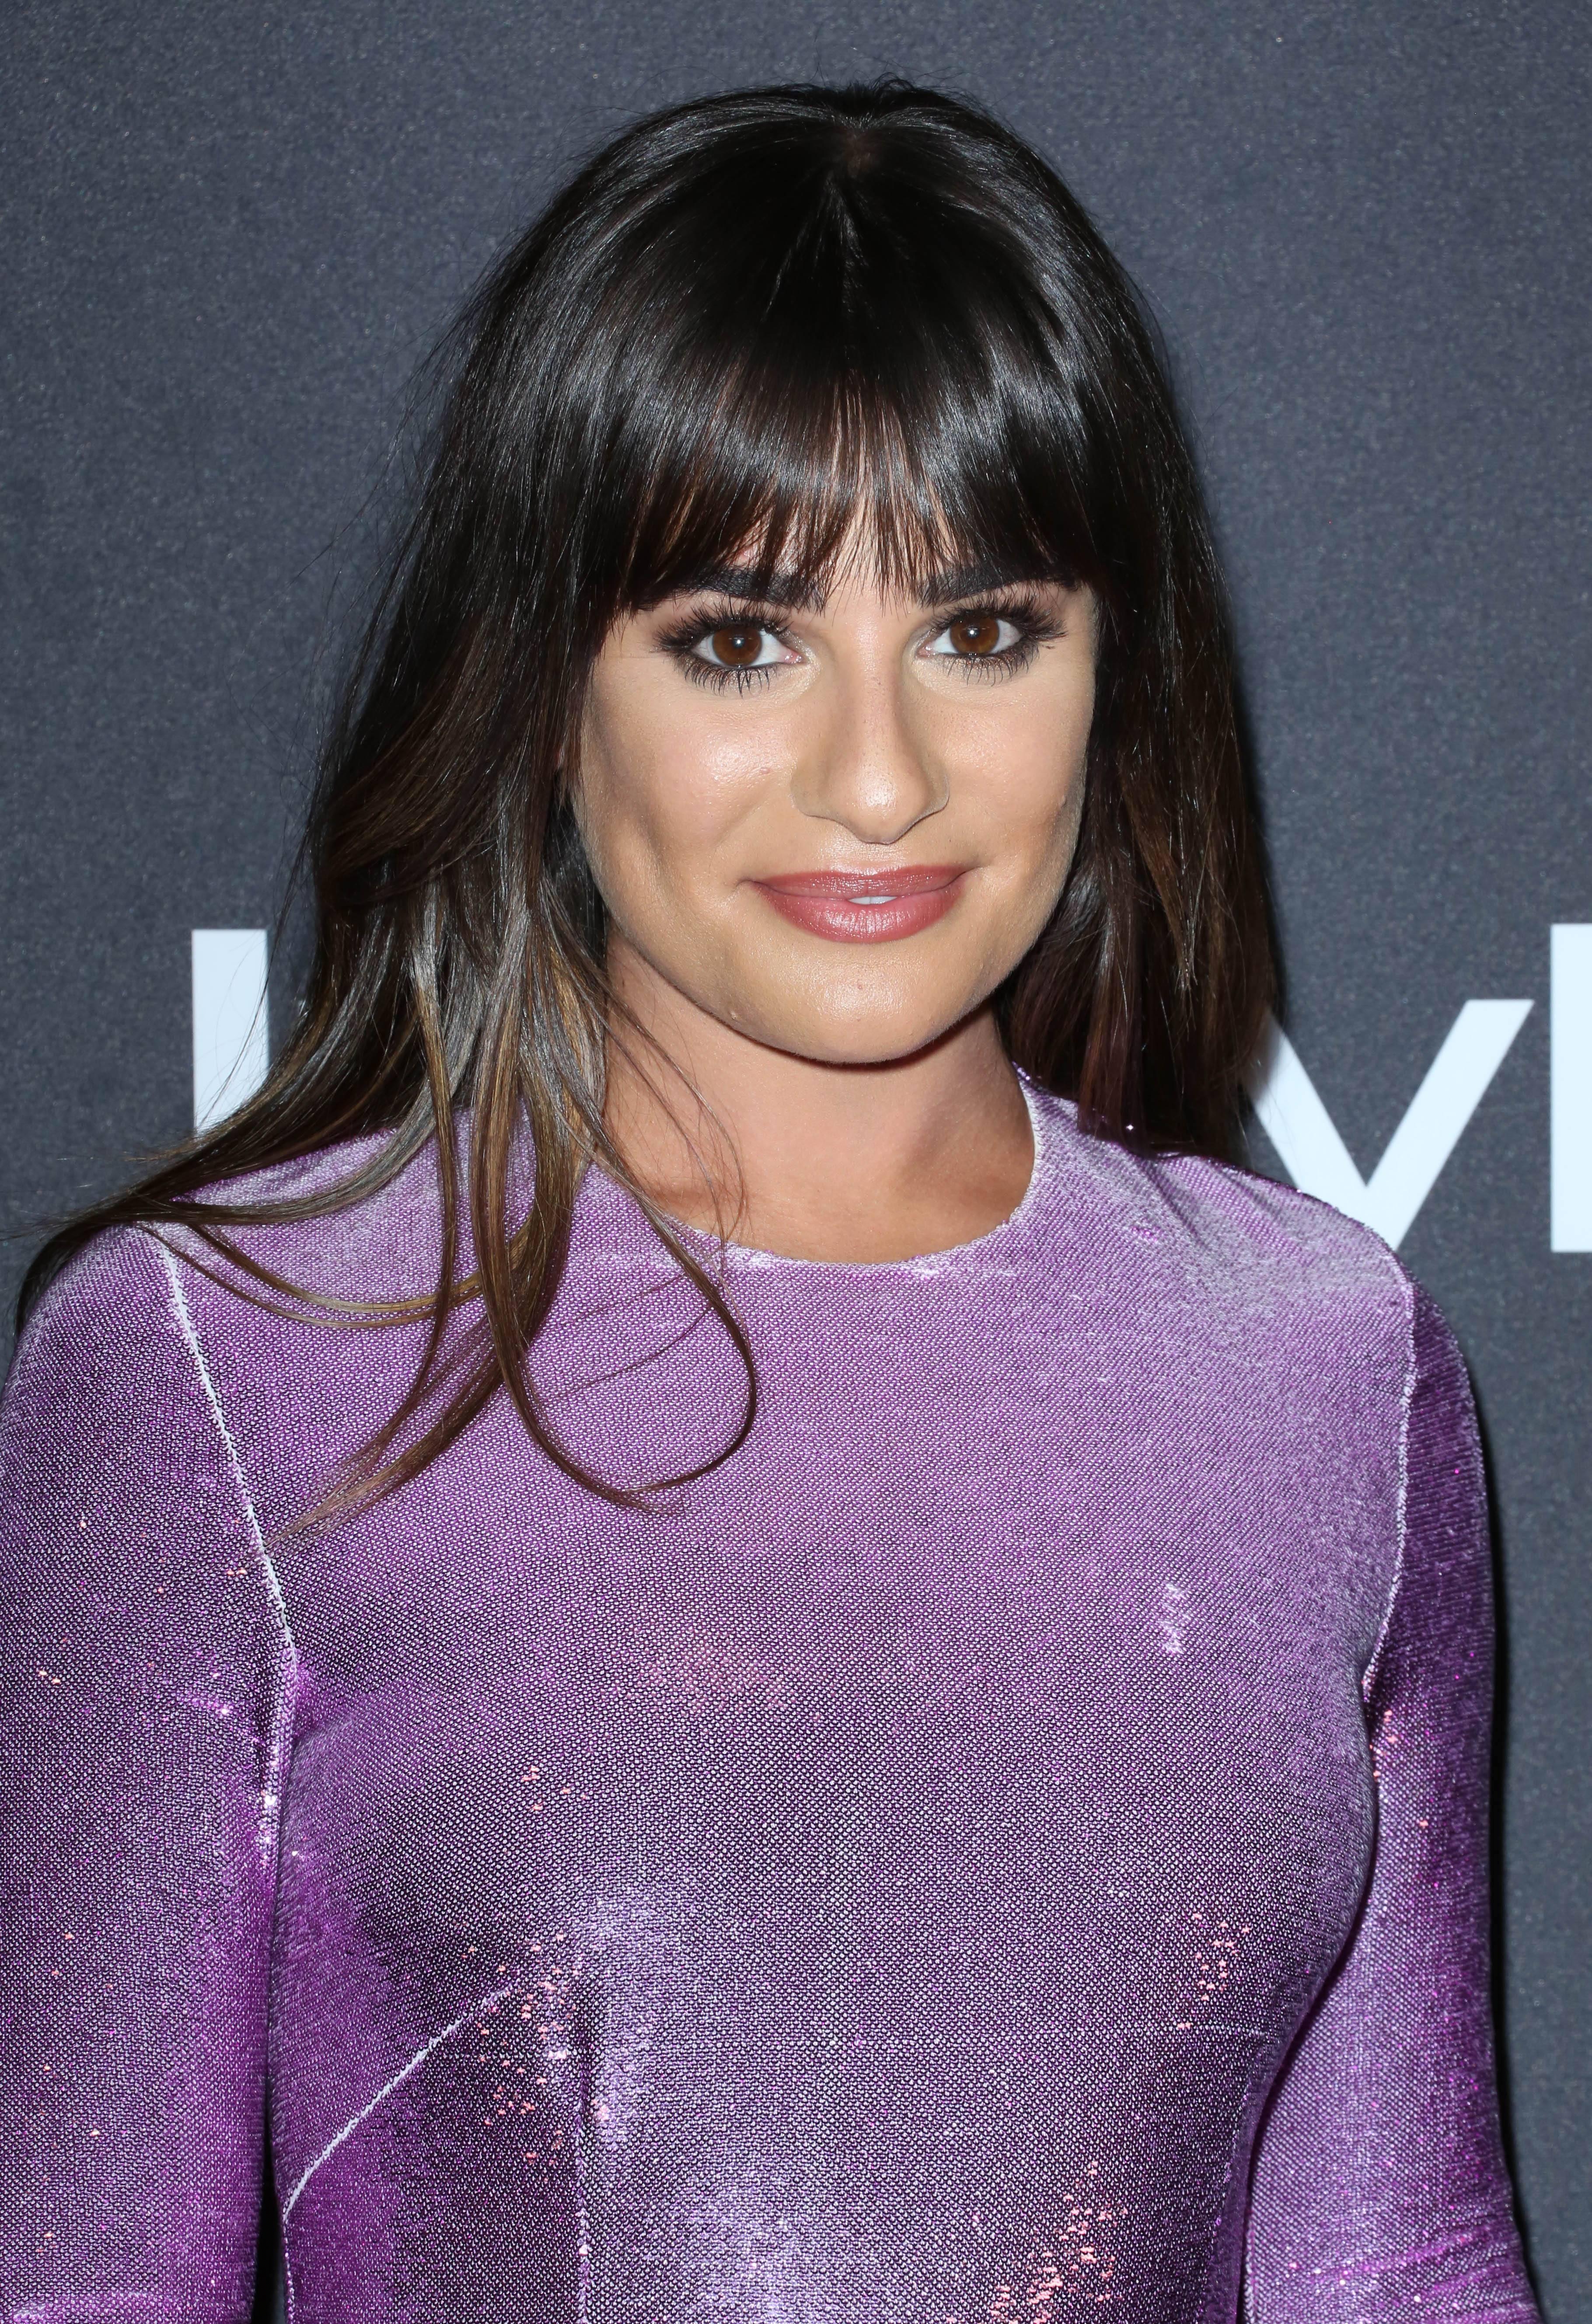 Lea Michele à frange complète portant une robe violette à paillettes